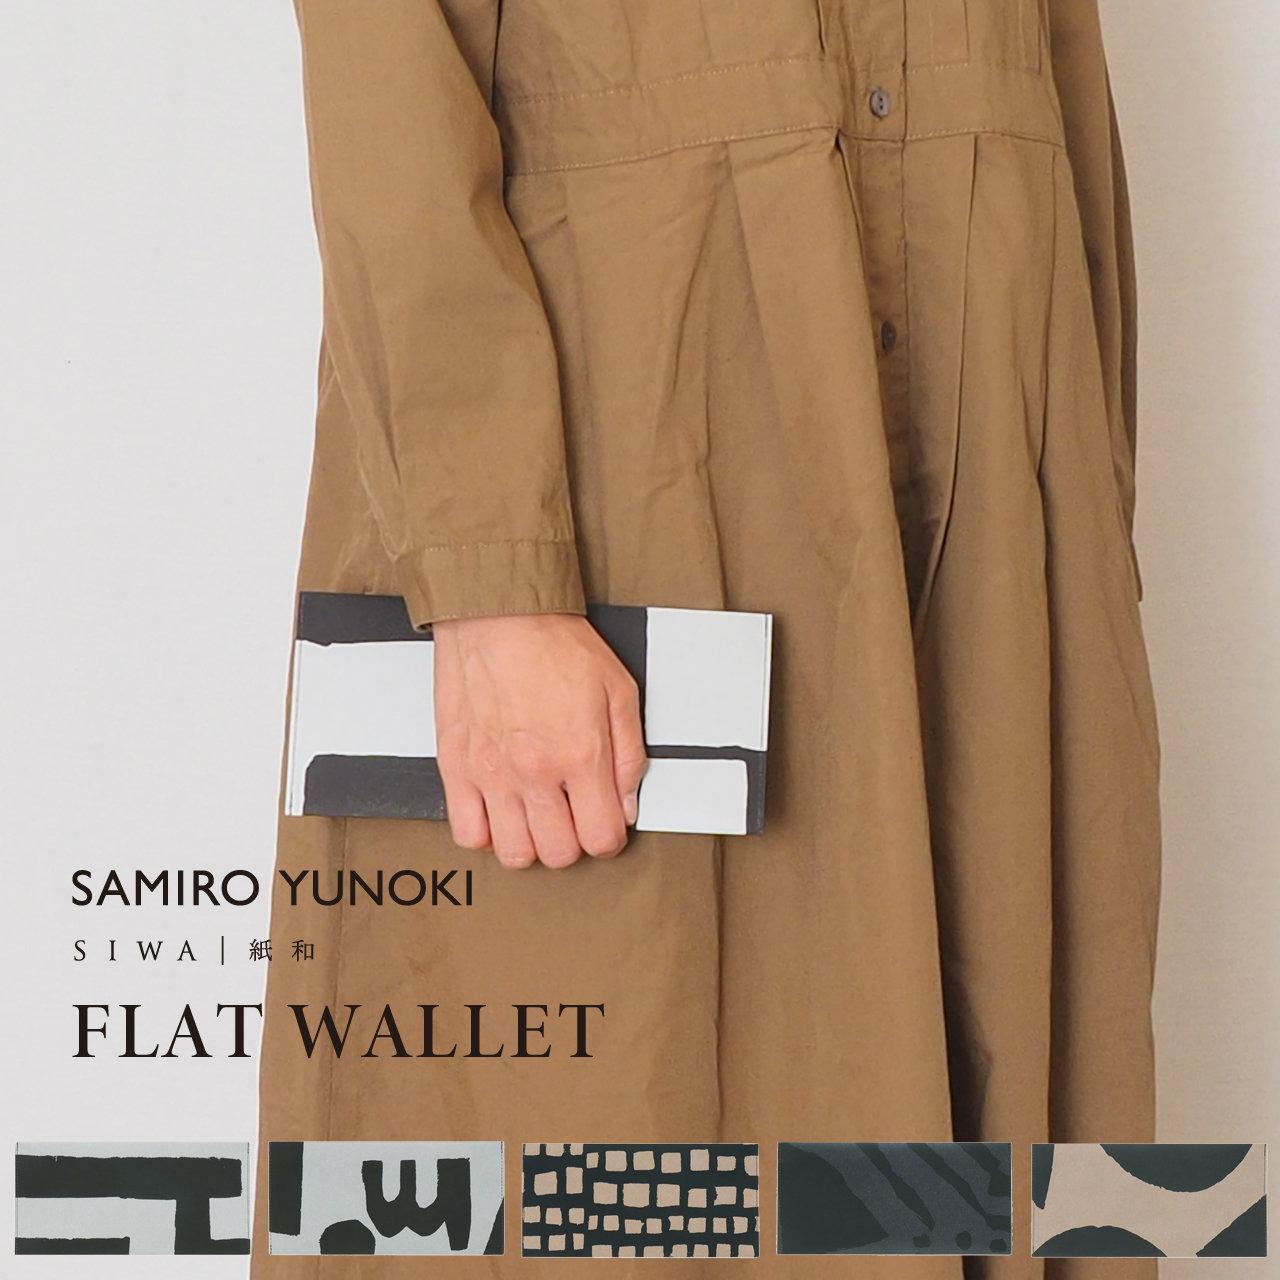 サムネイル:柚木沙弥郎 SAMIRO YUNOKI フラット ウォレット